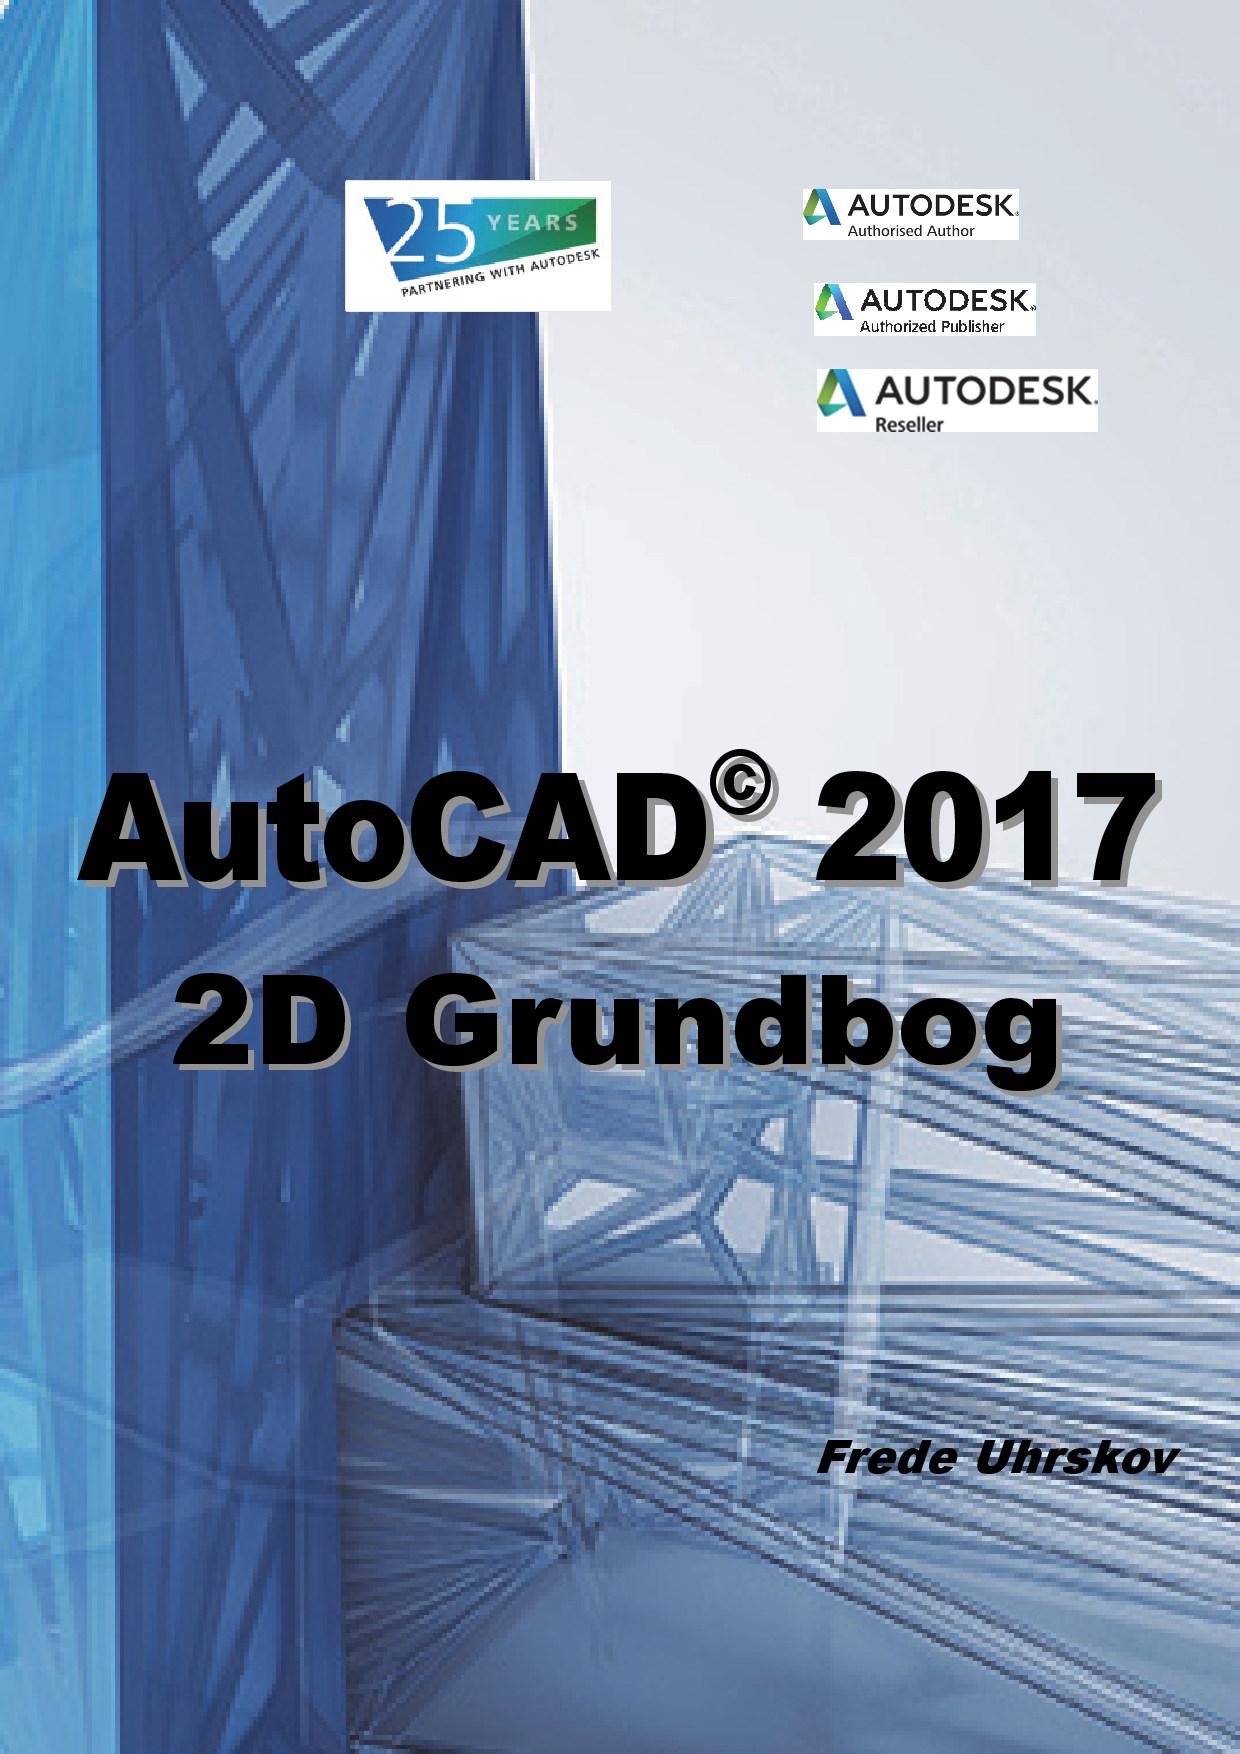 AutoCAD 2017 - 2D Grundbog